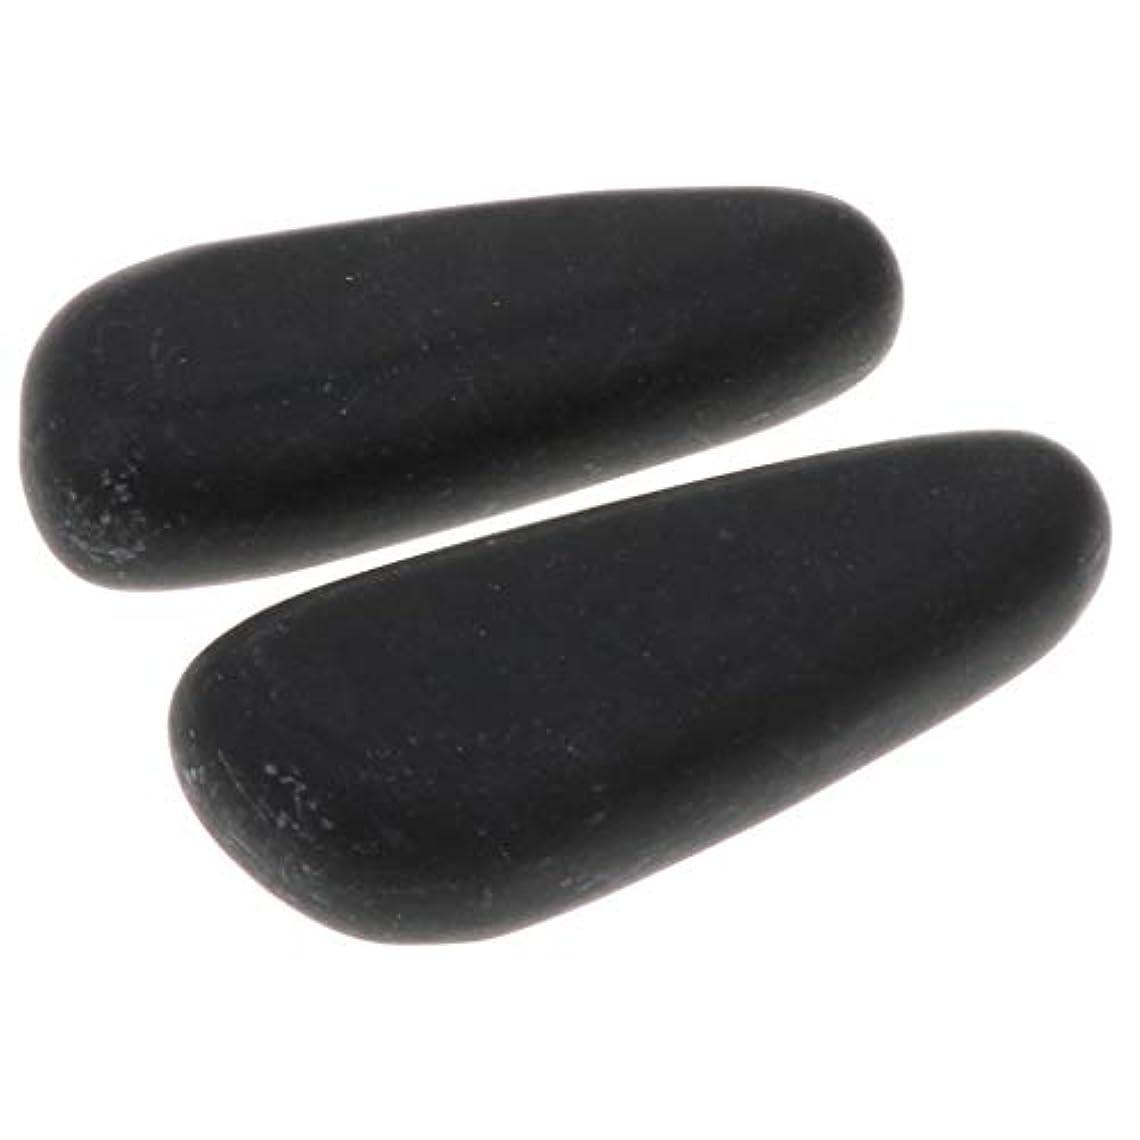 海嶺小麦粉篭全2サイズ ホットストーン マッサージ石 マッサージストーン 玄武岩 ボディマッサージ スパ 2個入 - 8×3.2×2cm